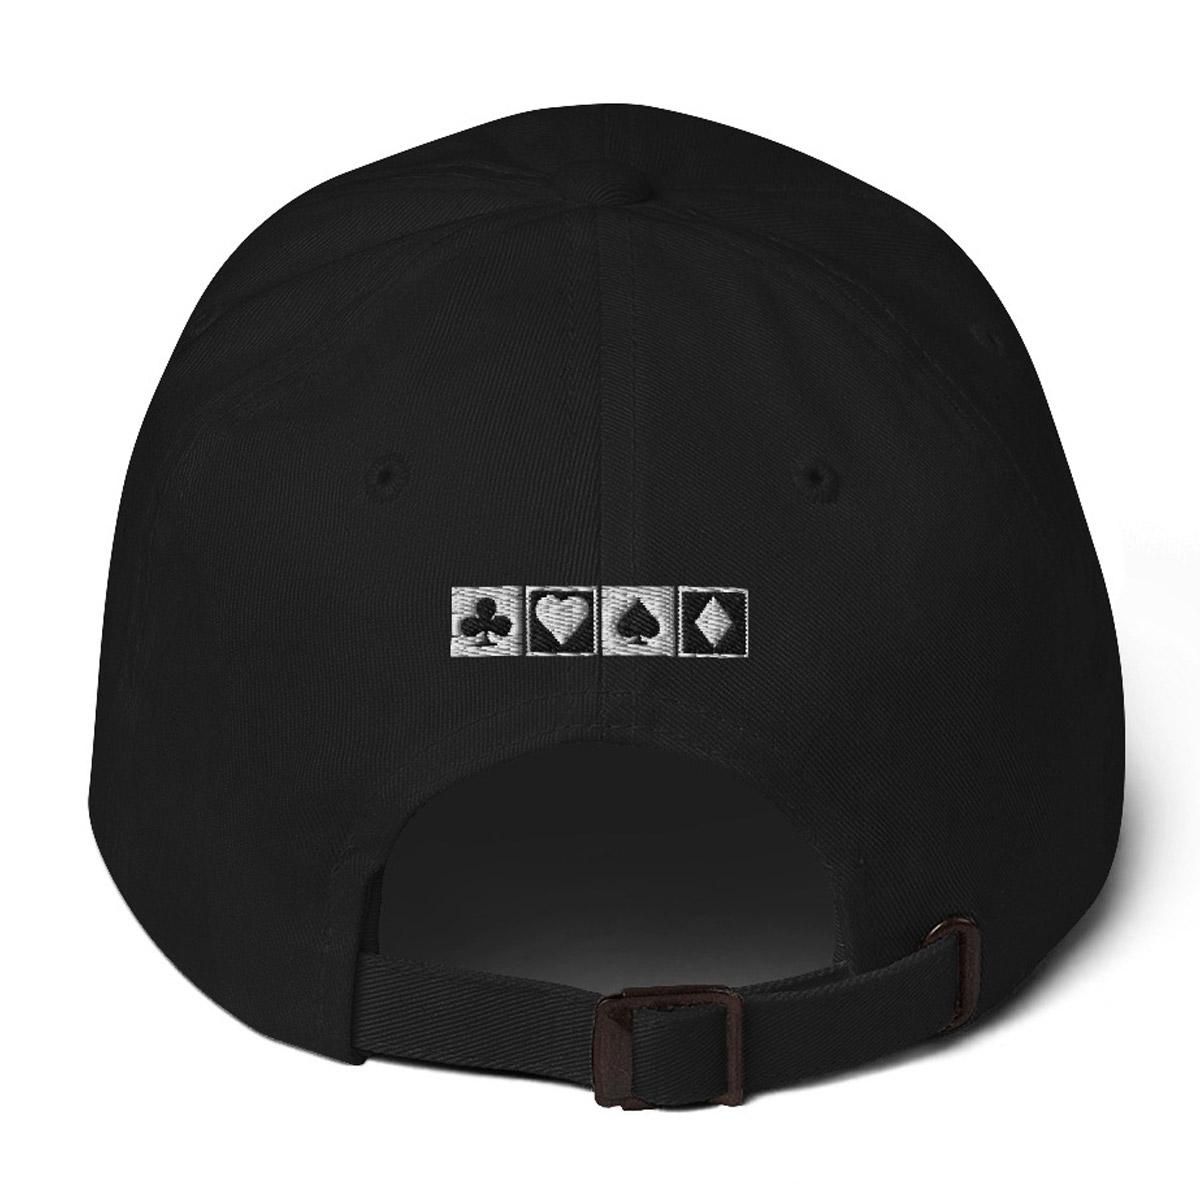 Online Poker Let US Play Dad Hat - Black Back